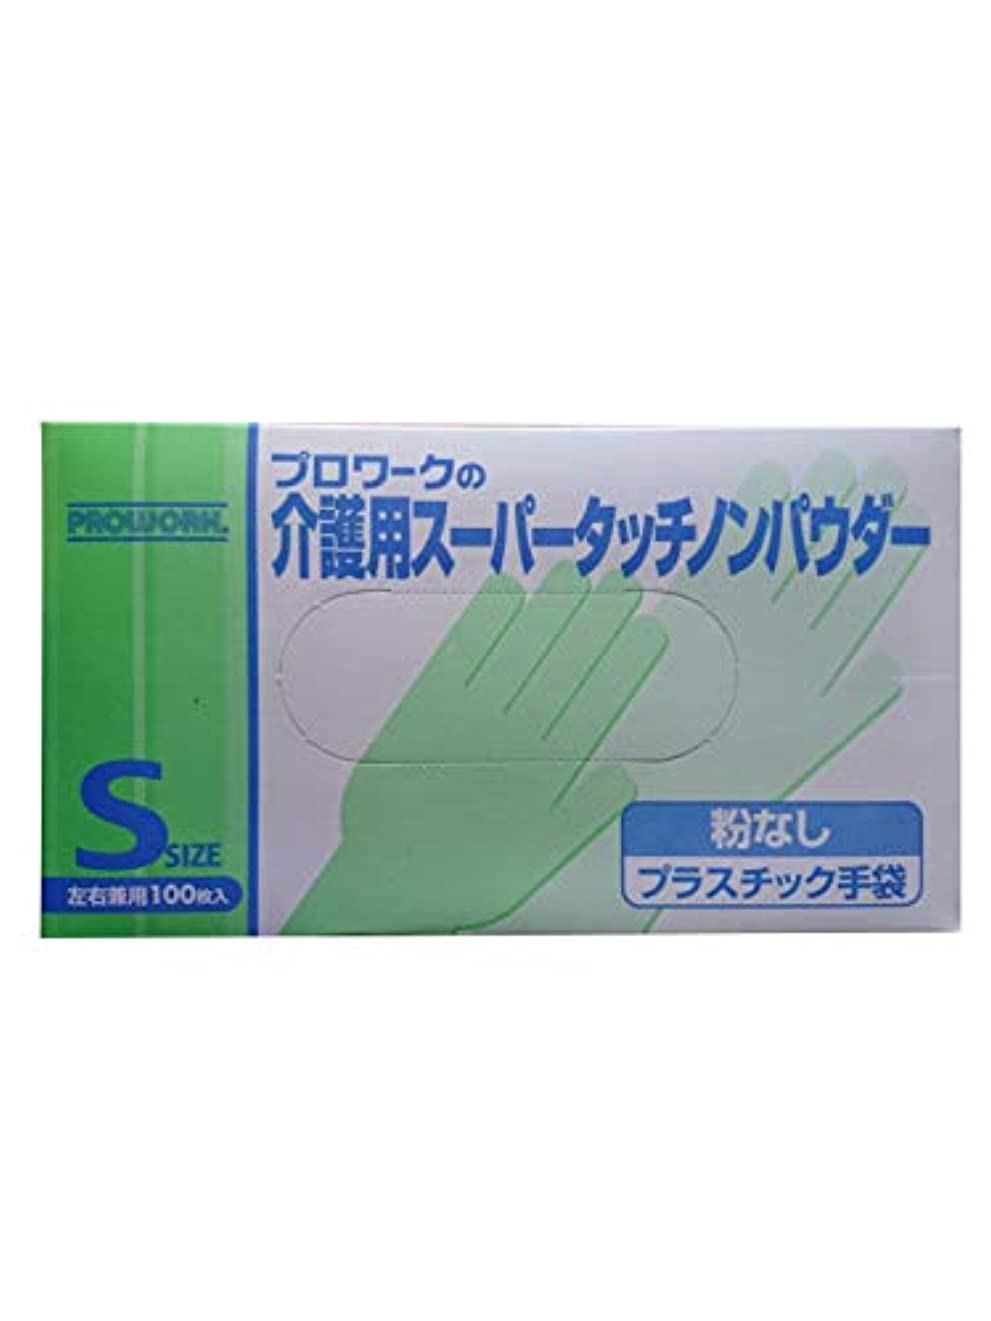 に対して直径望む介護用スーパータッチノンパウダー プラスチック手袋 粉なし Sサイズ 左右兼用100枚入